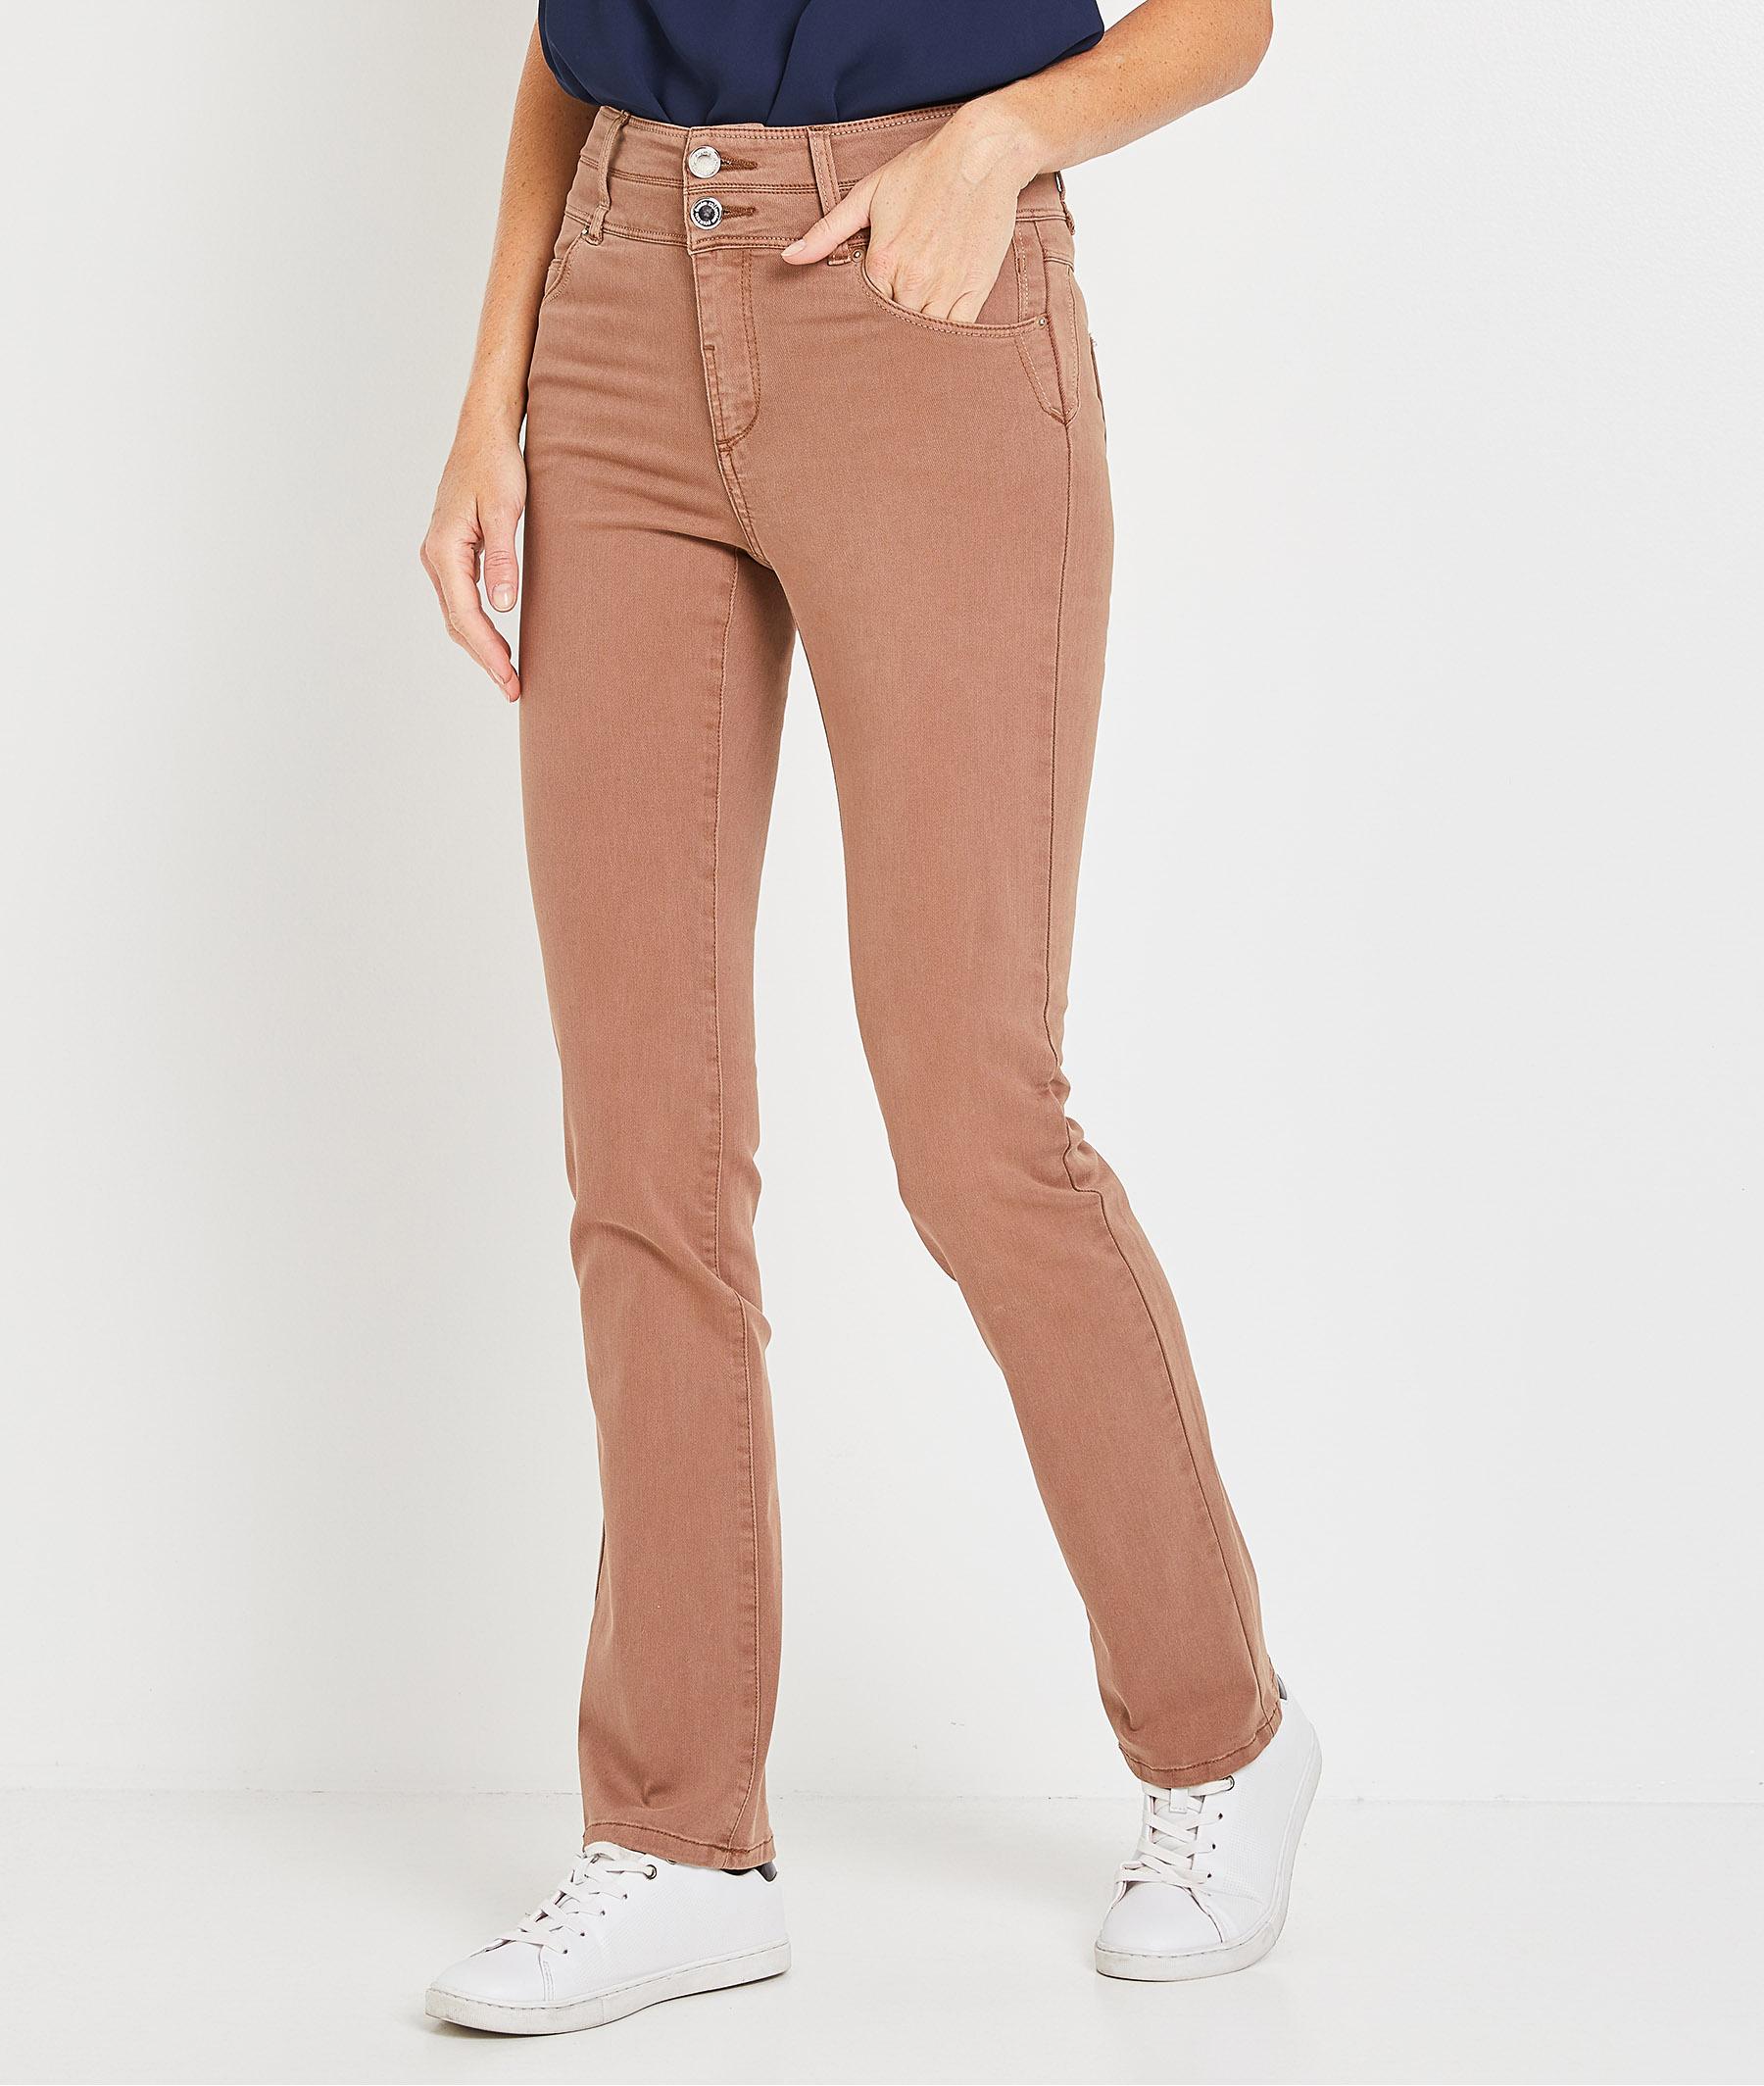 Pantalon droit taille haute uni femme CAFE